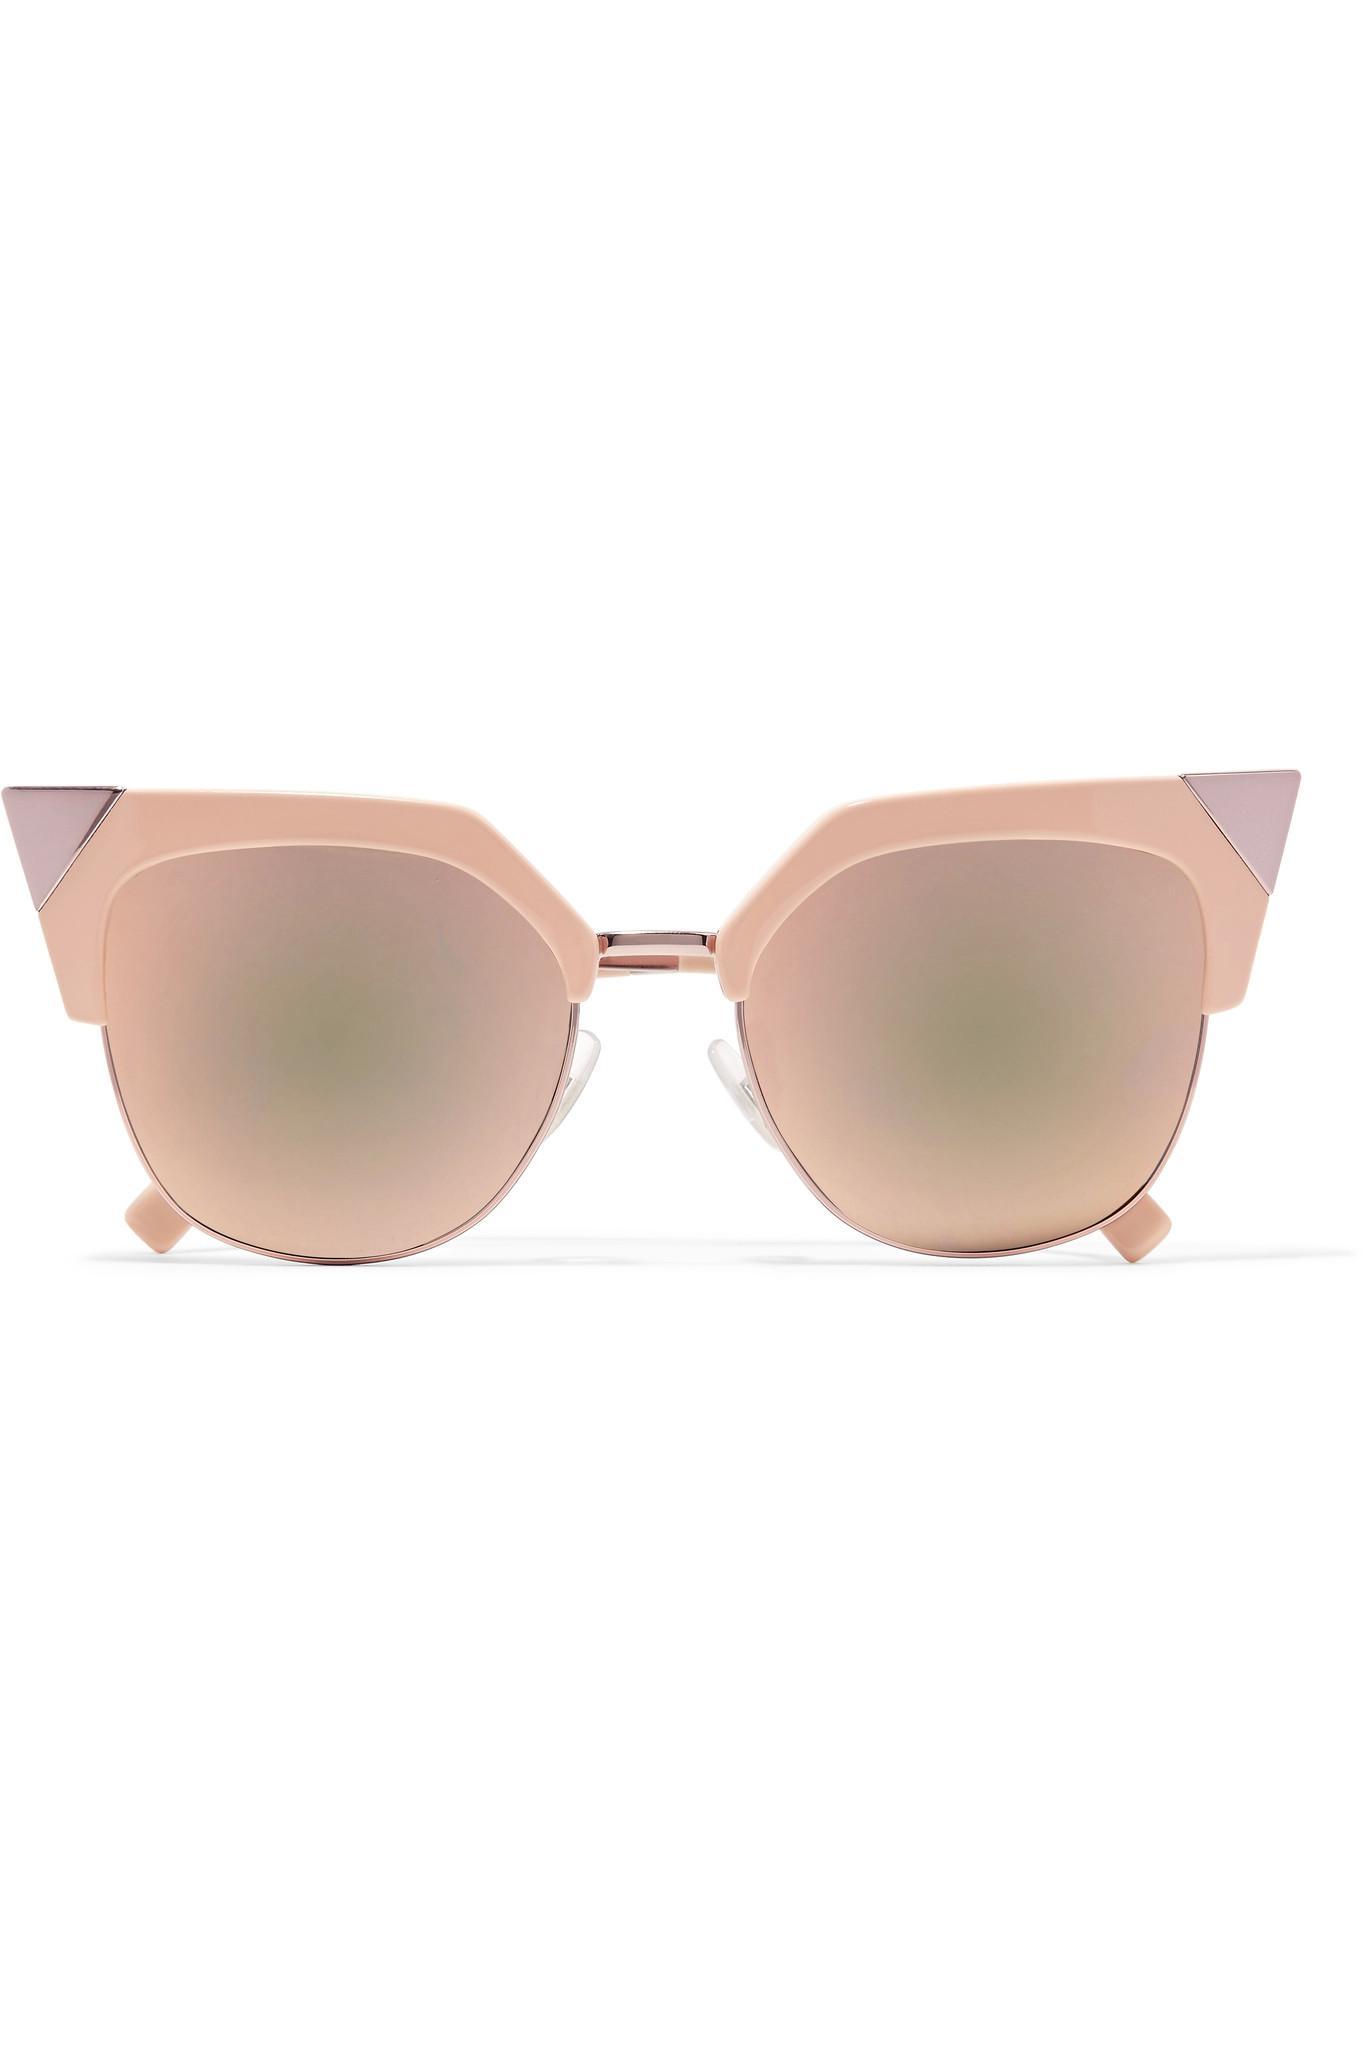 6d6f98402e9e Fendi Iridia Cat-eye Rose Gold-tone Mirrored Sunglasses in Pink - Lyst